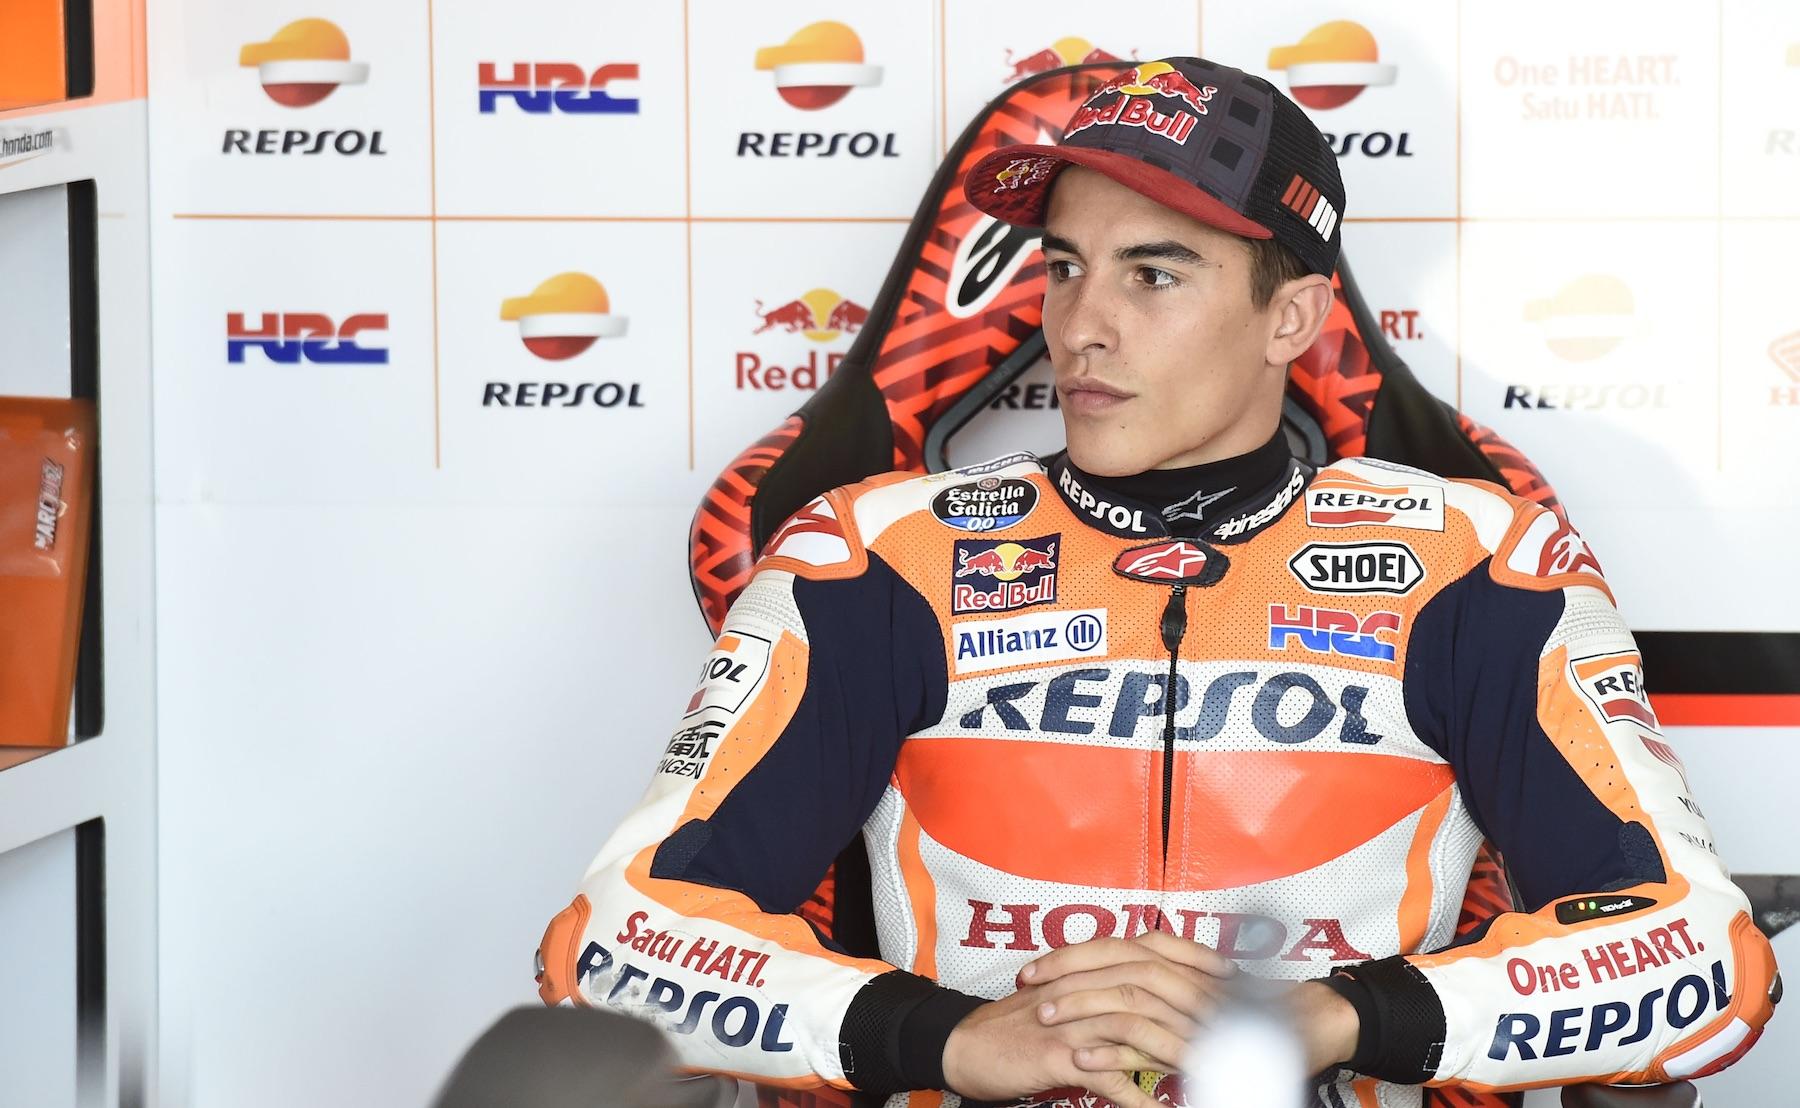 """Marc Márquez: """"Sorprendente cómo Valentino ha gestionado el riesgo, luchará por el podio"""""""